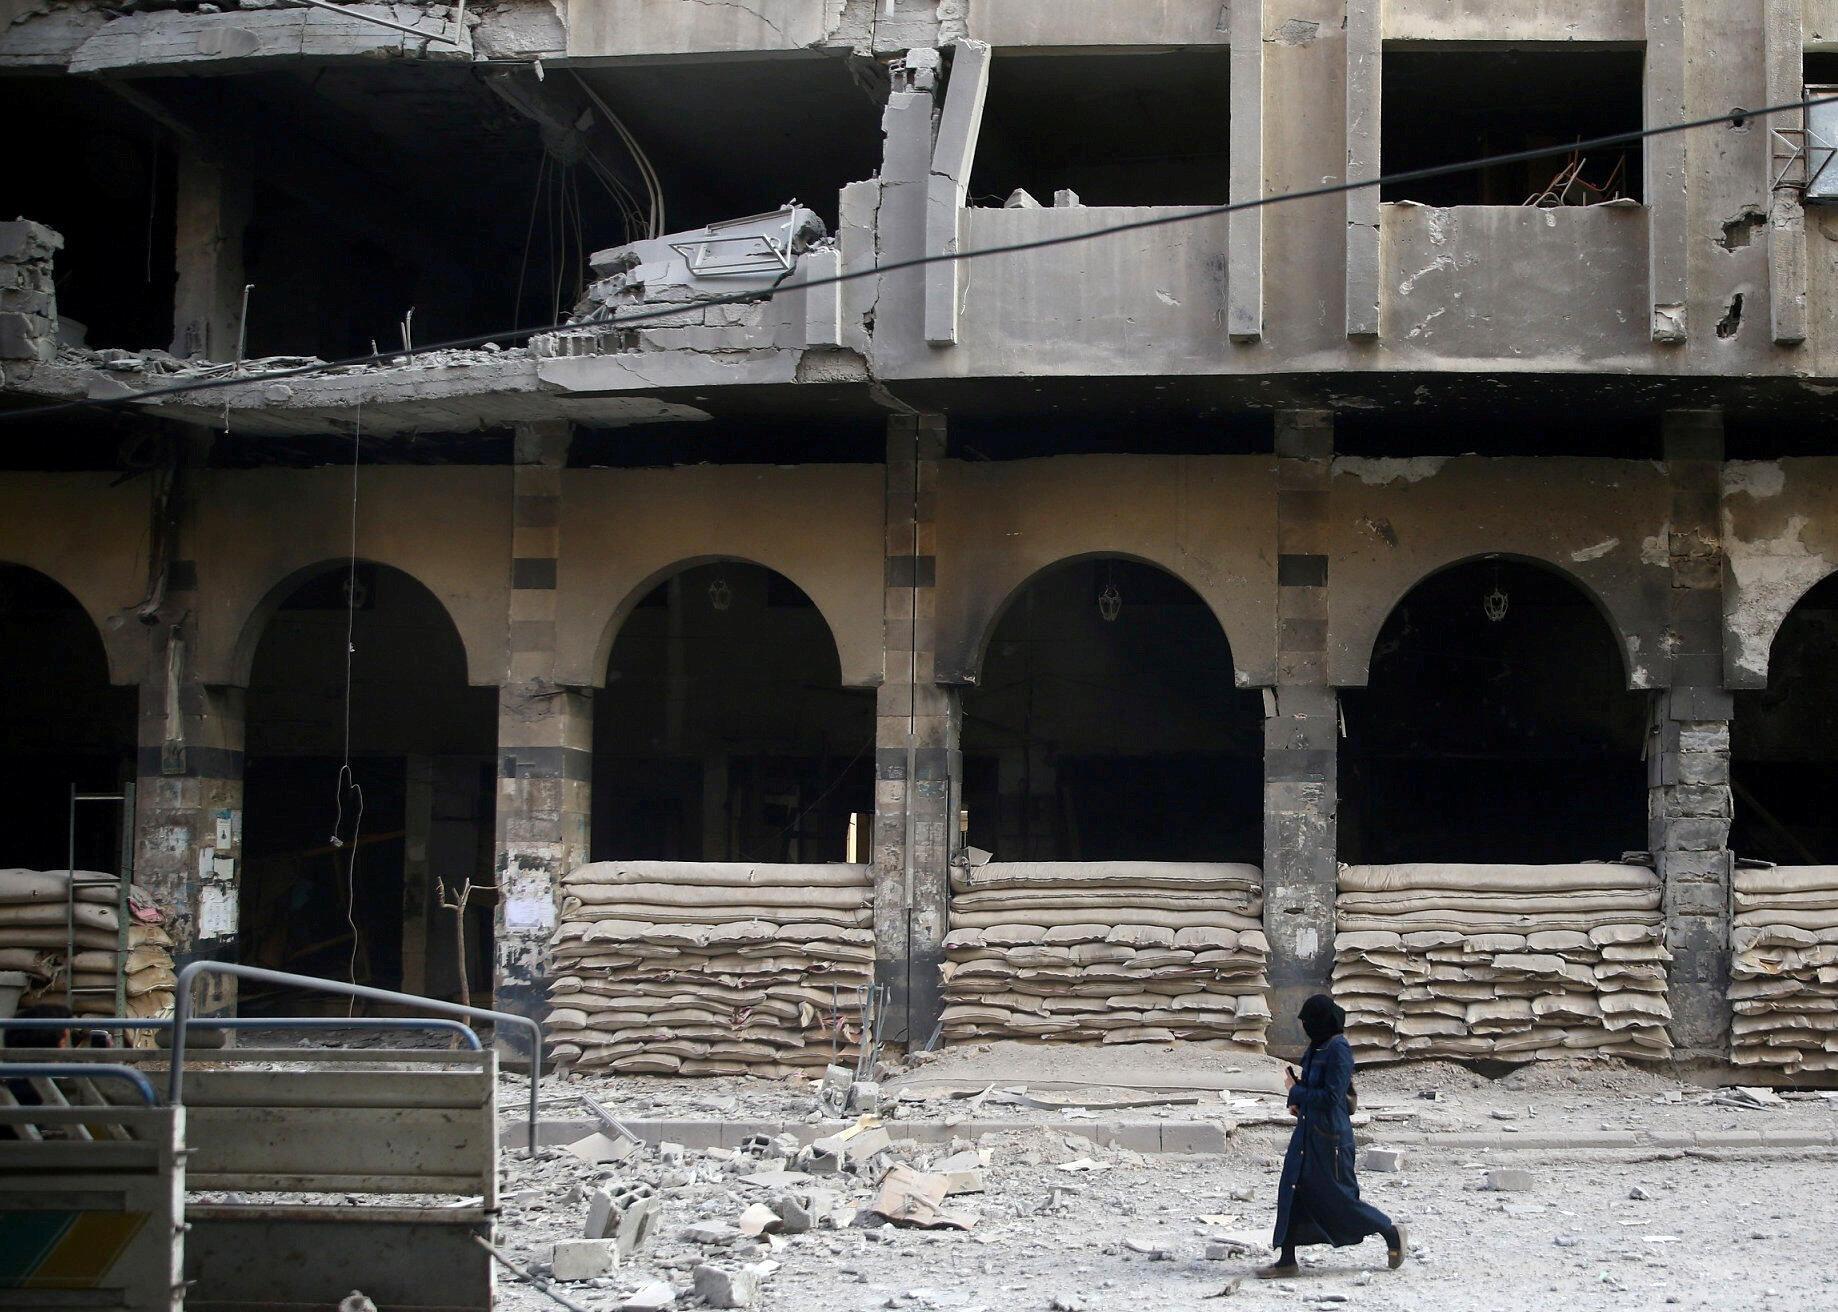 Улица в сирийском городе Дума, 2 ноября 2017.